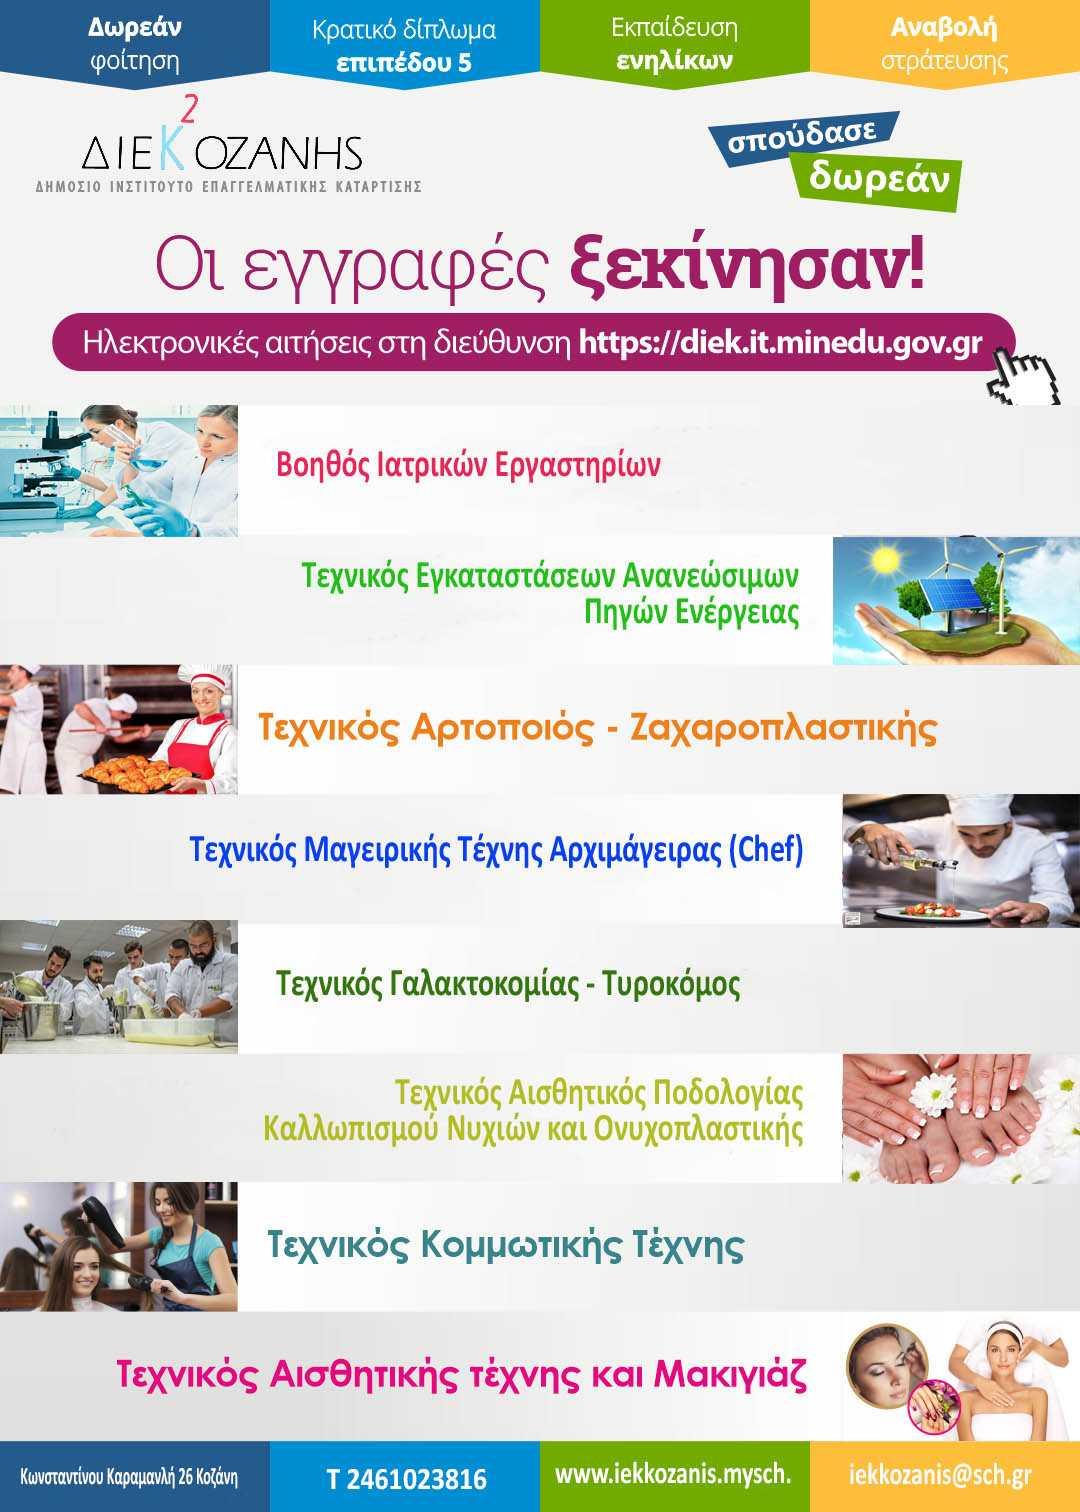 Έναρξη εγγραφών στις νέες ειδικότητες για το Α' εξάμηνο στα Δημόσια ΙΕΚ